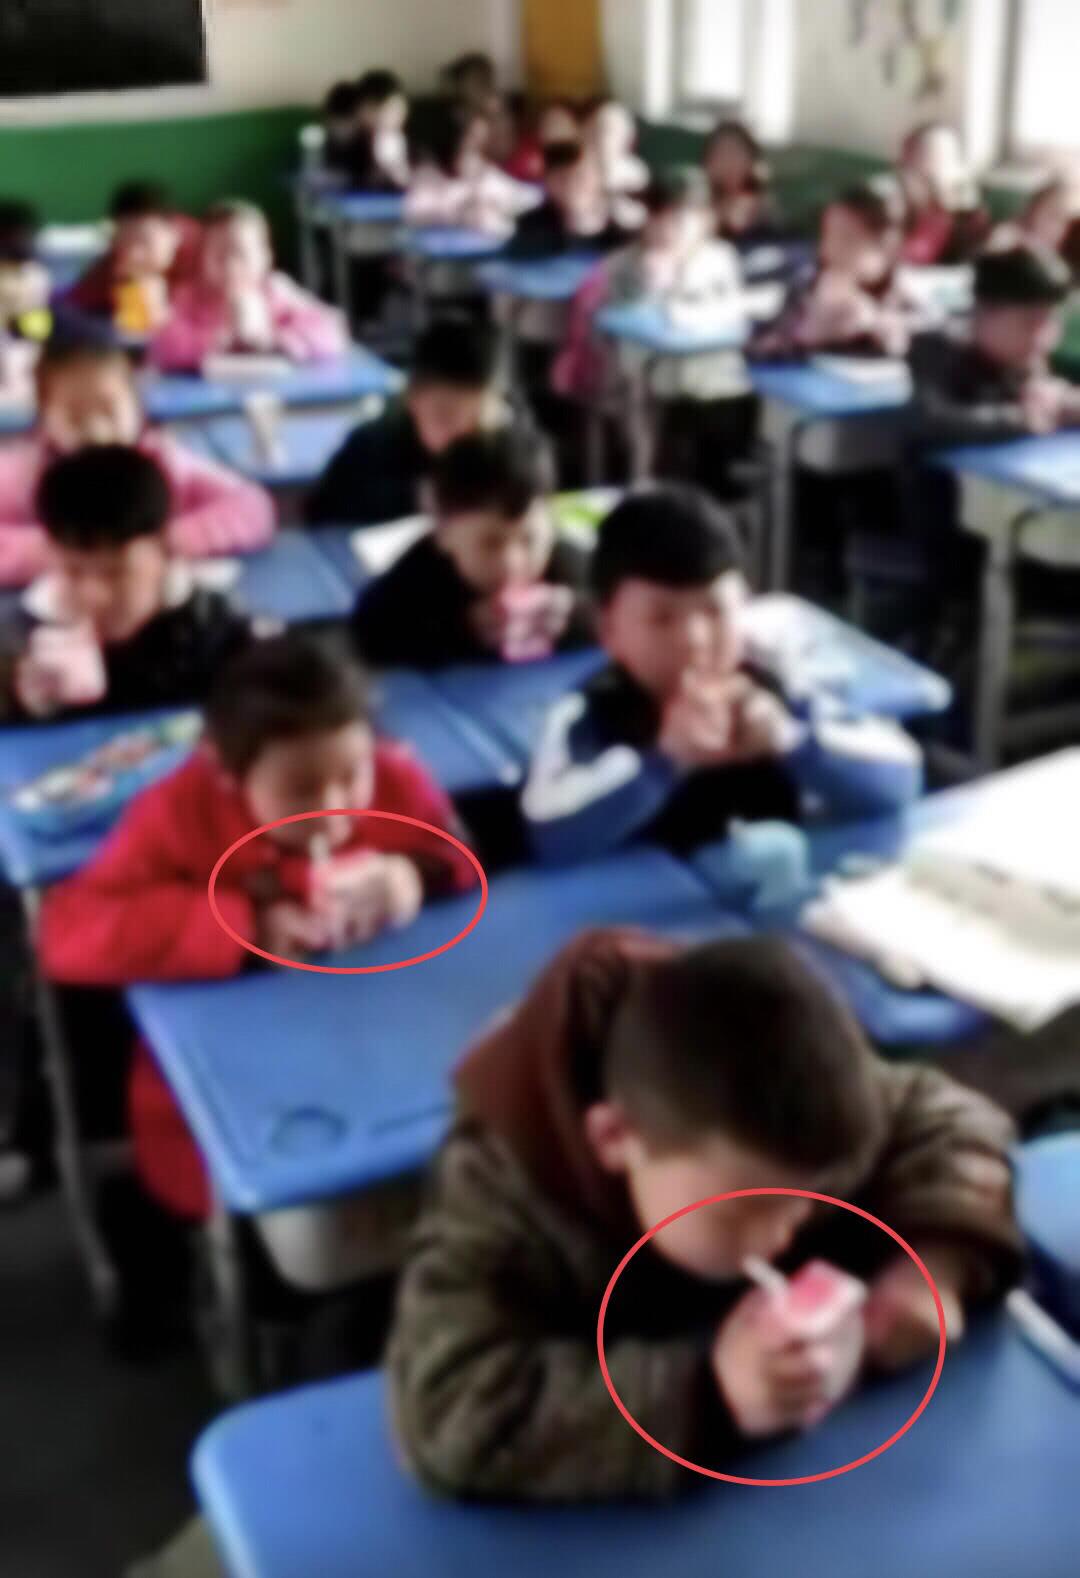 没订讲台奶的小学生被罚站学校看订奶的喝?学小学生反恐怖主义法手抄报图片